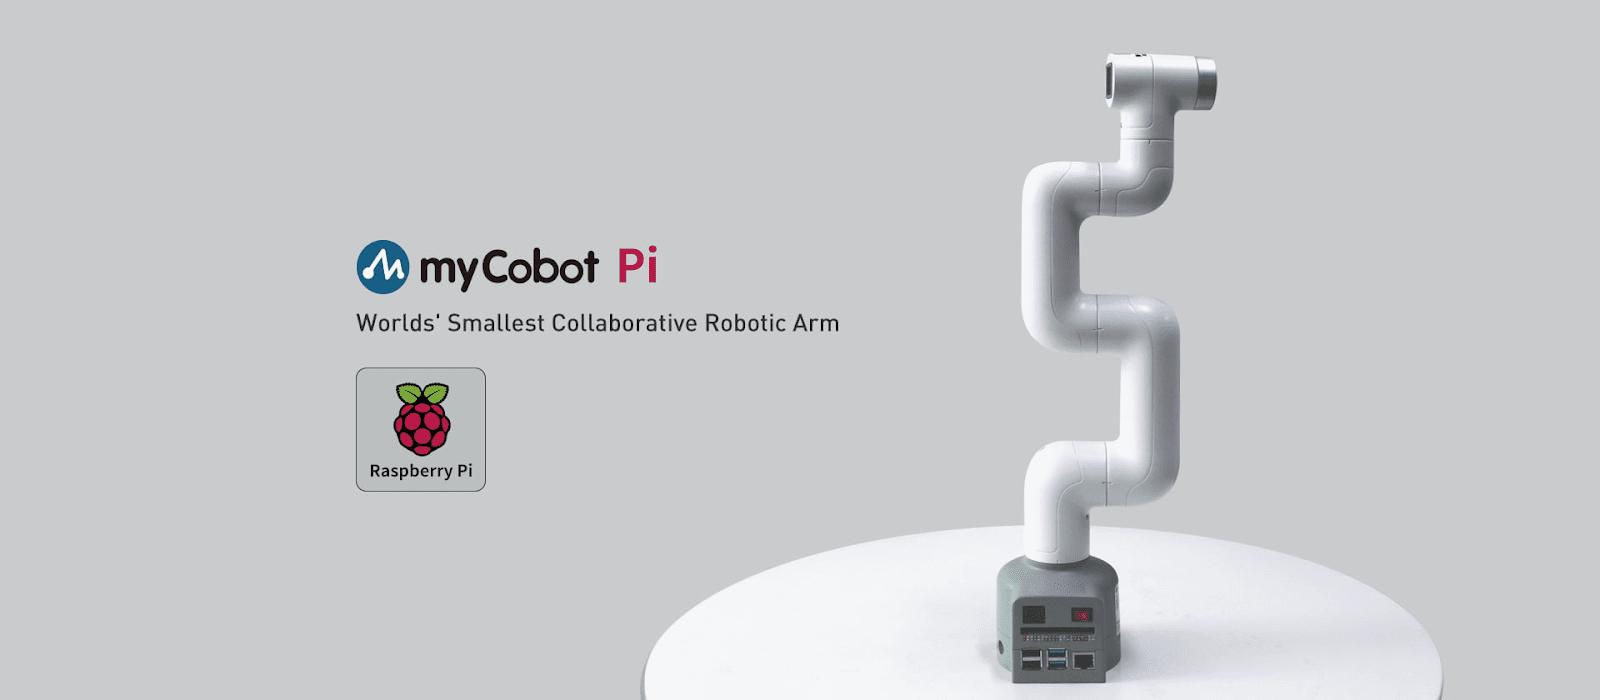 myCobot-Pi